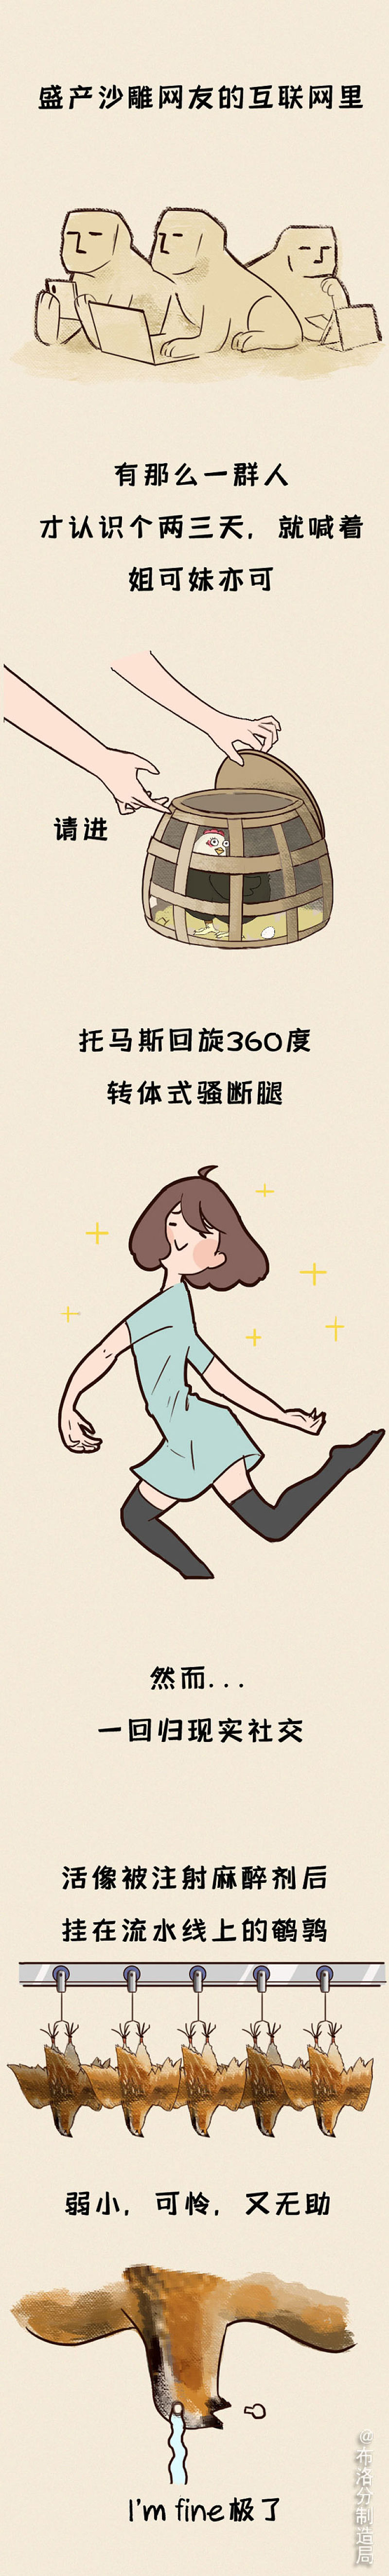 社恐1.jpg